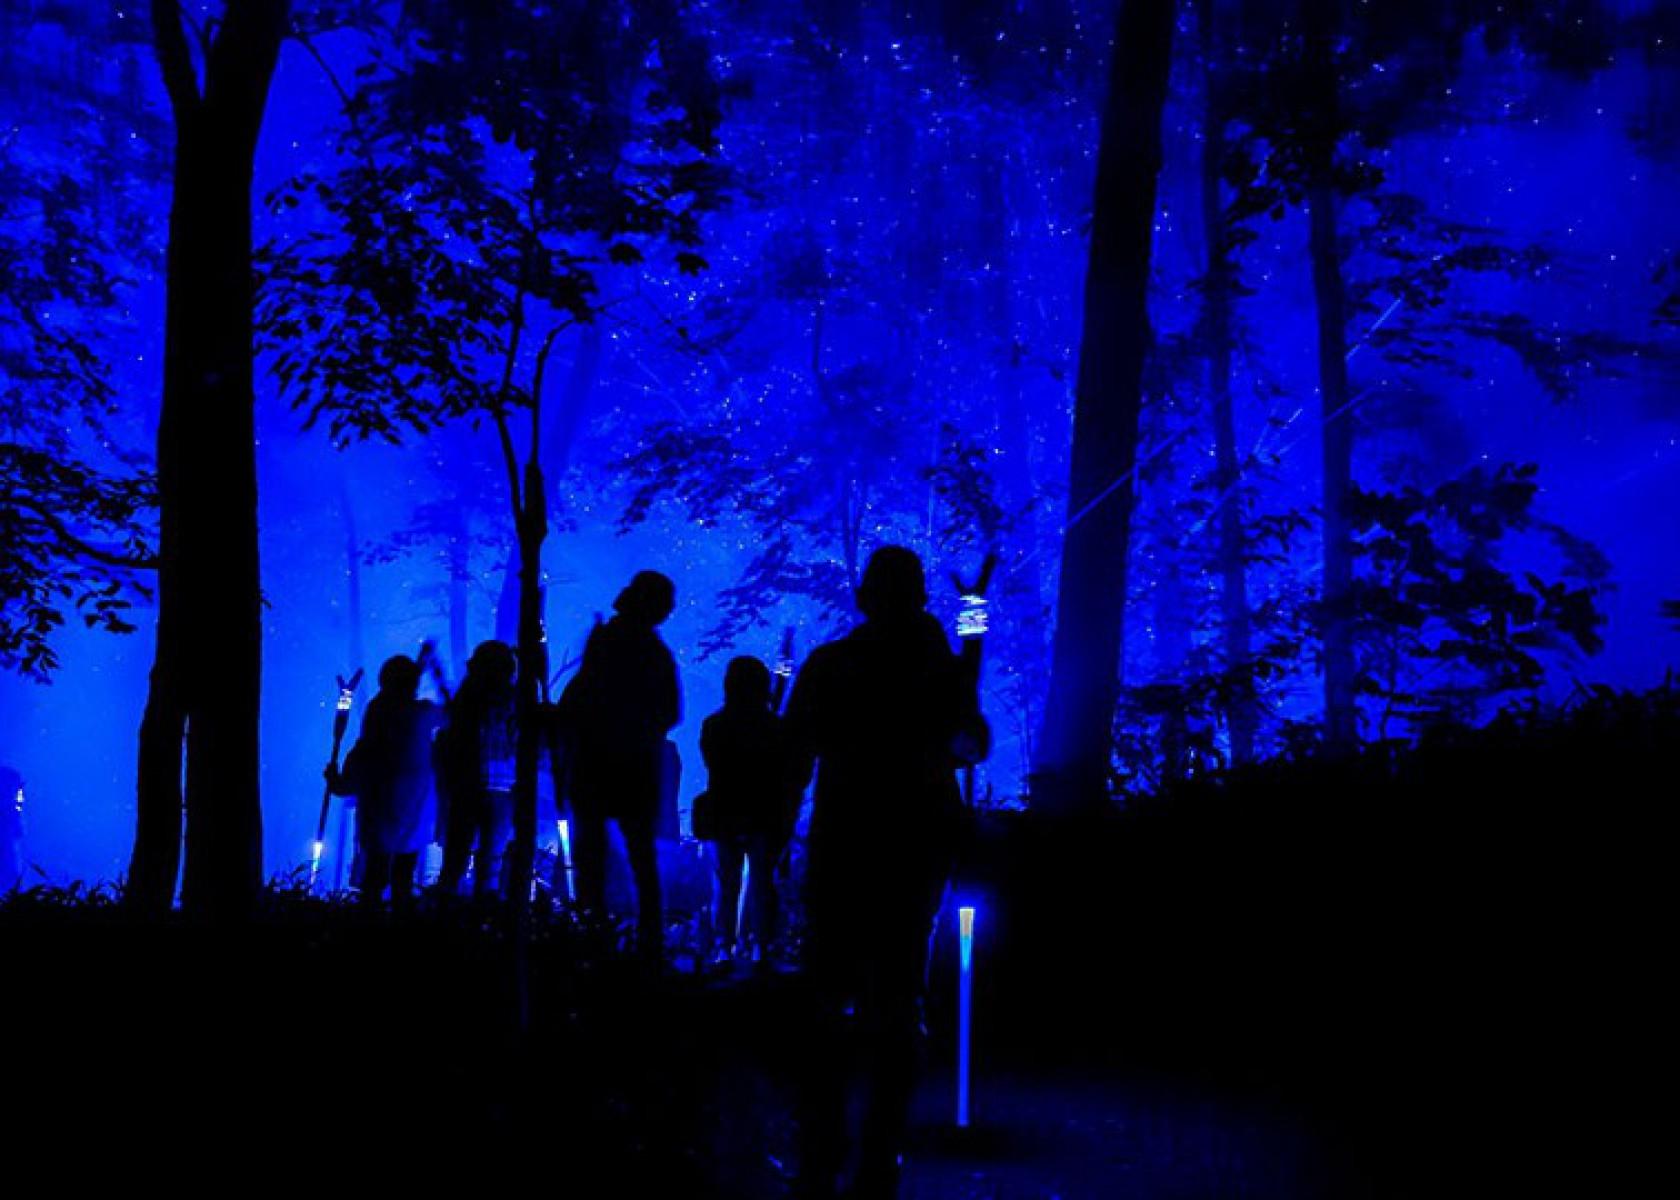 KAMUY LUMINA(カムイルミナ)- 阿寒湖の森ナイトウォーク2